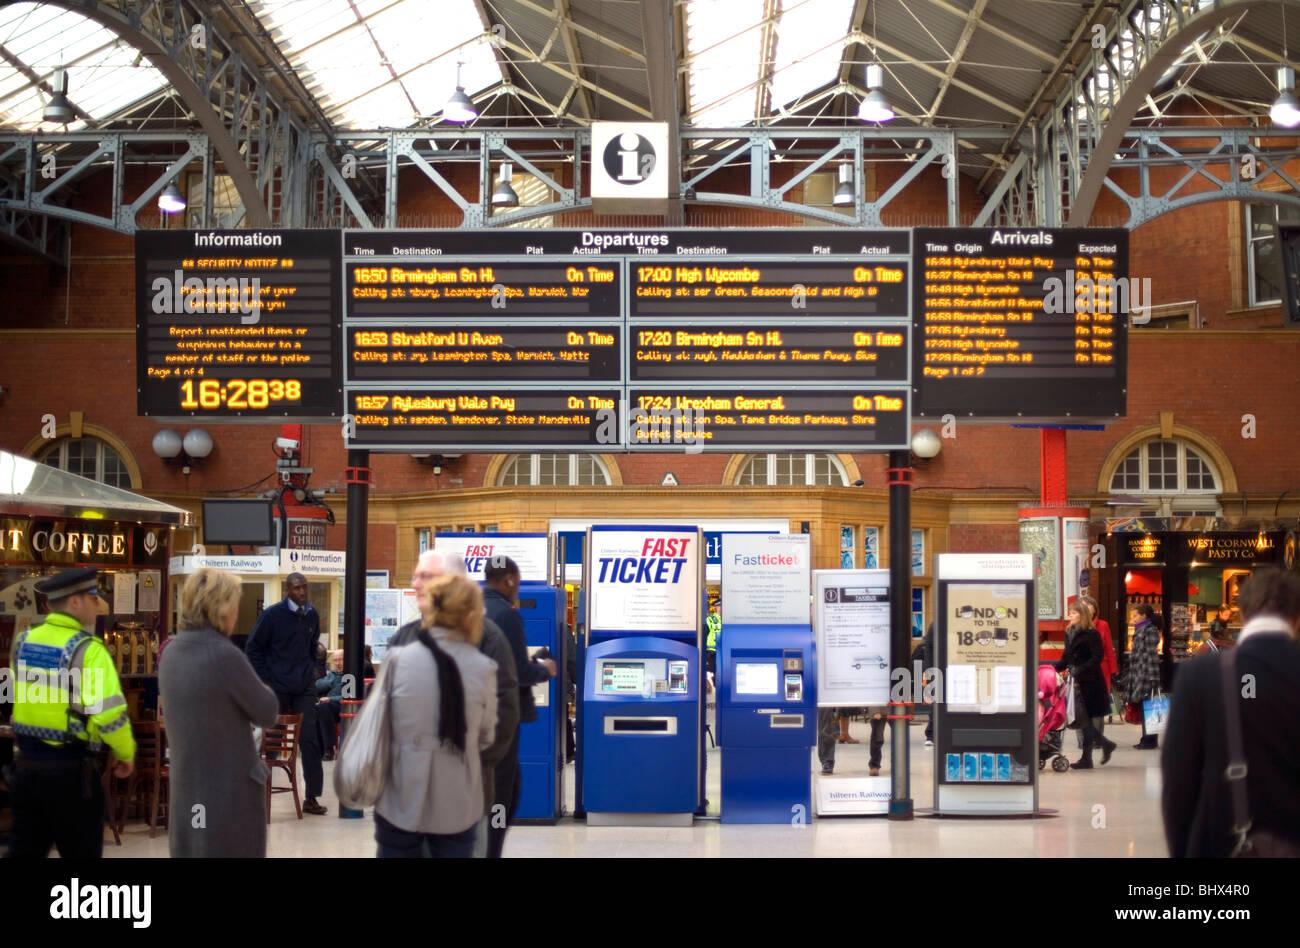 Marylebone Station interior, Travel information, London, England, UK, Europe - Stock Image